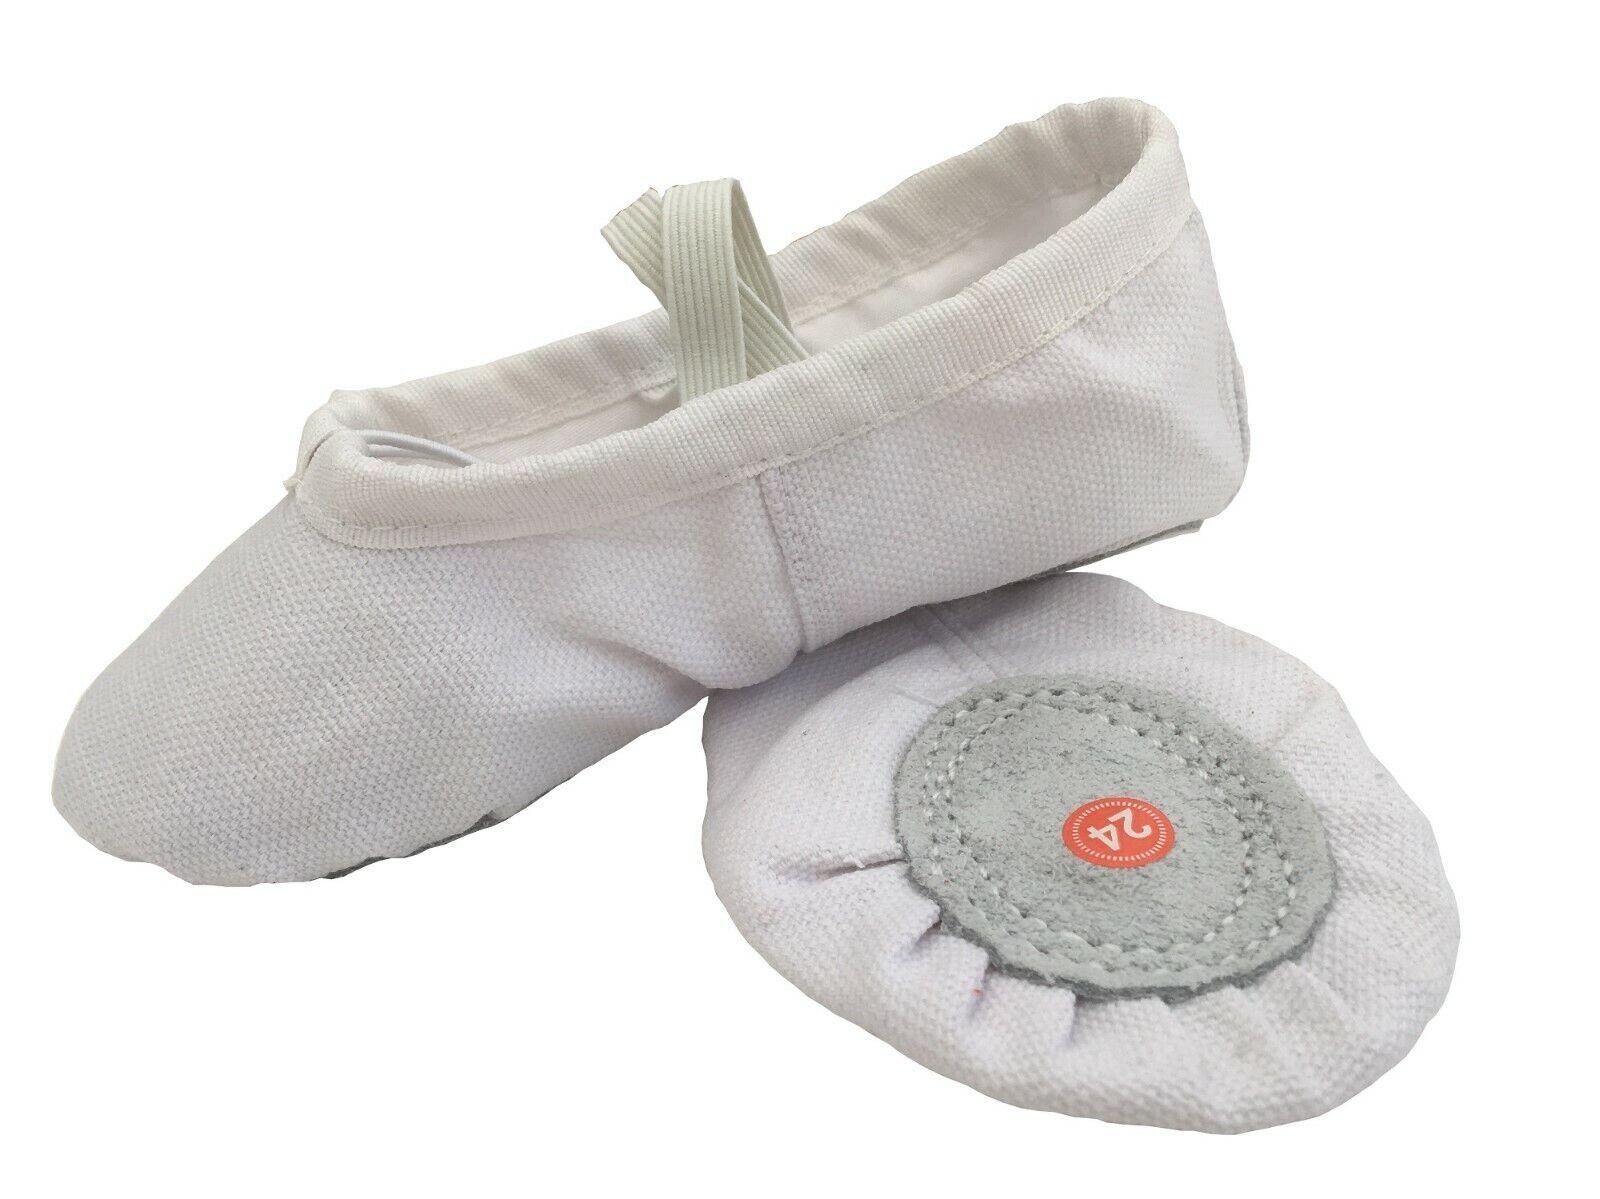 BALLET WHITE CANVAS GYMNASTIC YOGA SPLIT SOLE SHOES